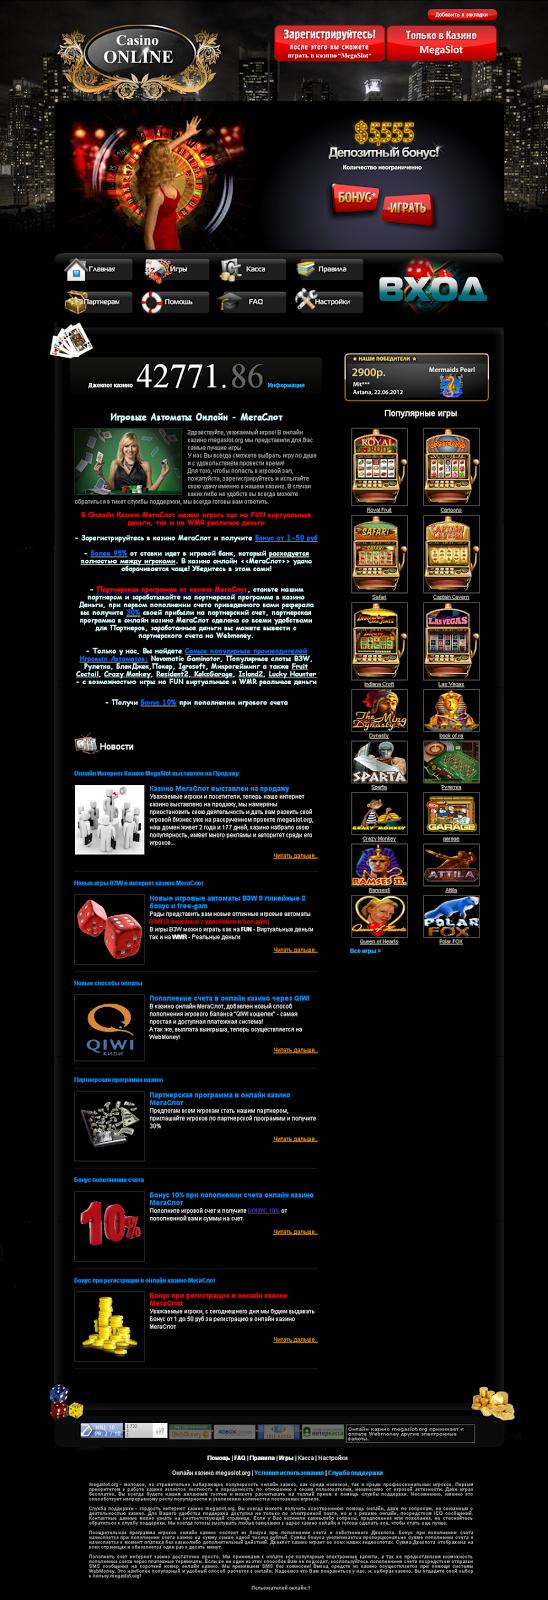 Phg casino boomtown casino in louisiana